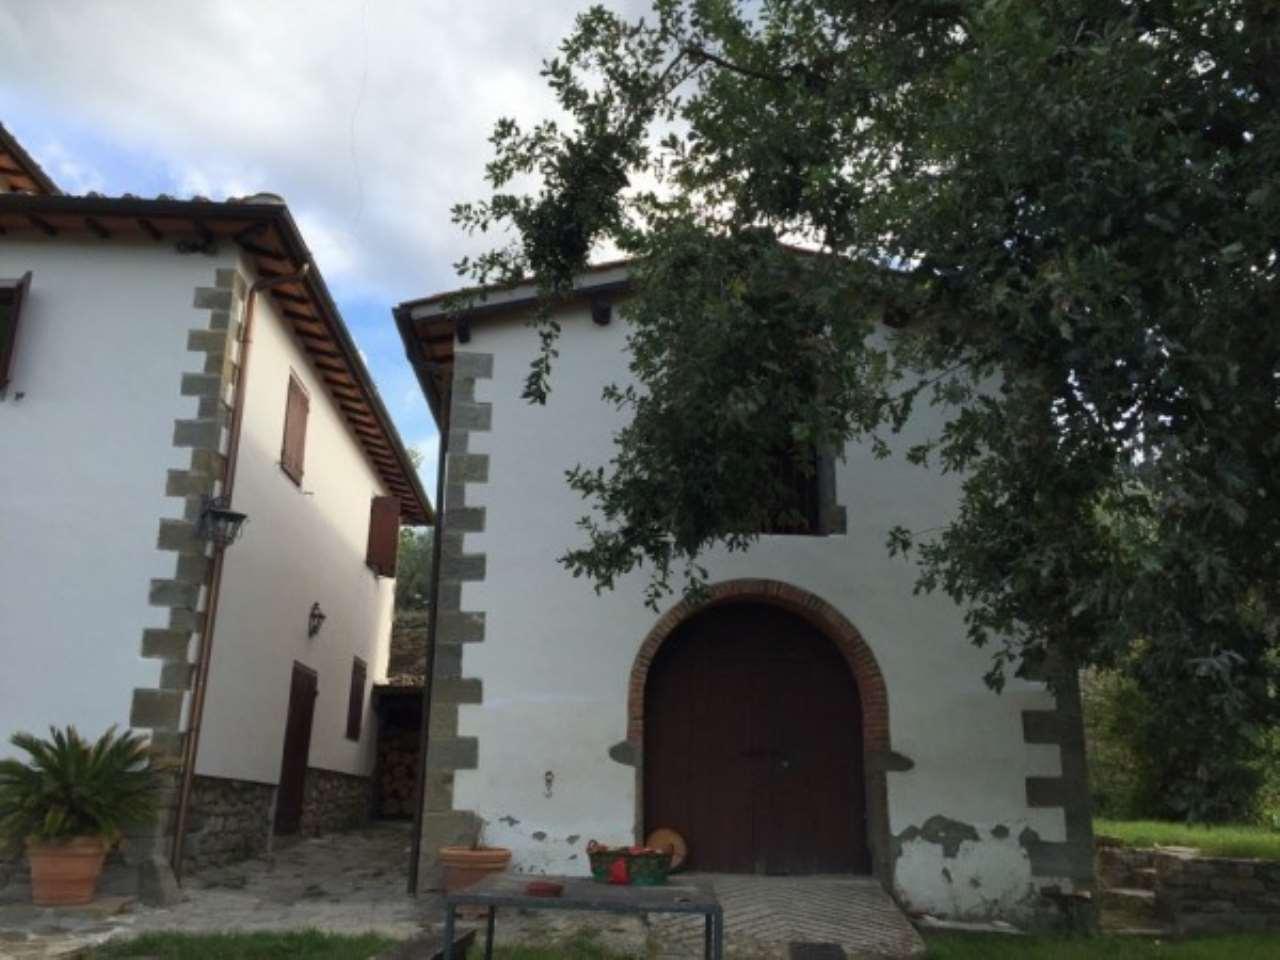 Rustico / Casale in vendita a Reggello, 6 locali, prezzo € 590.000 | Cambio Casa.it